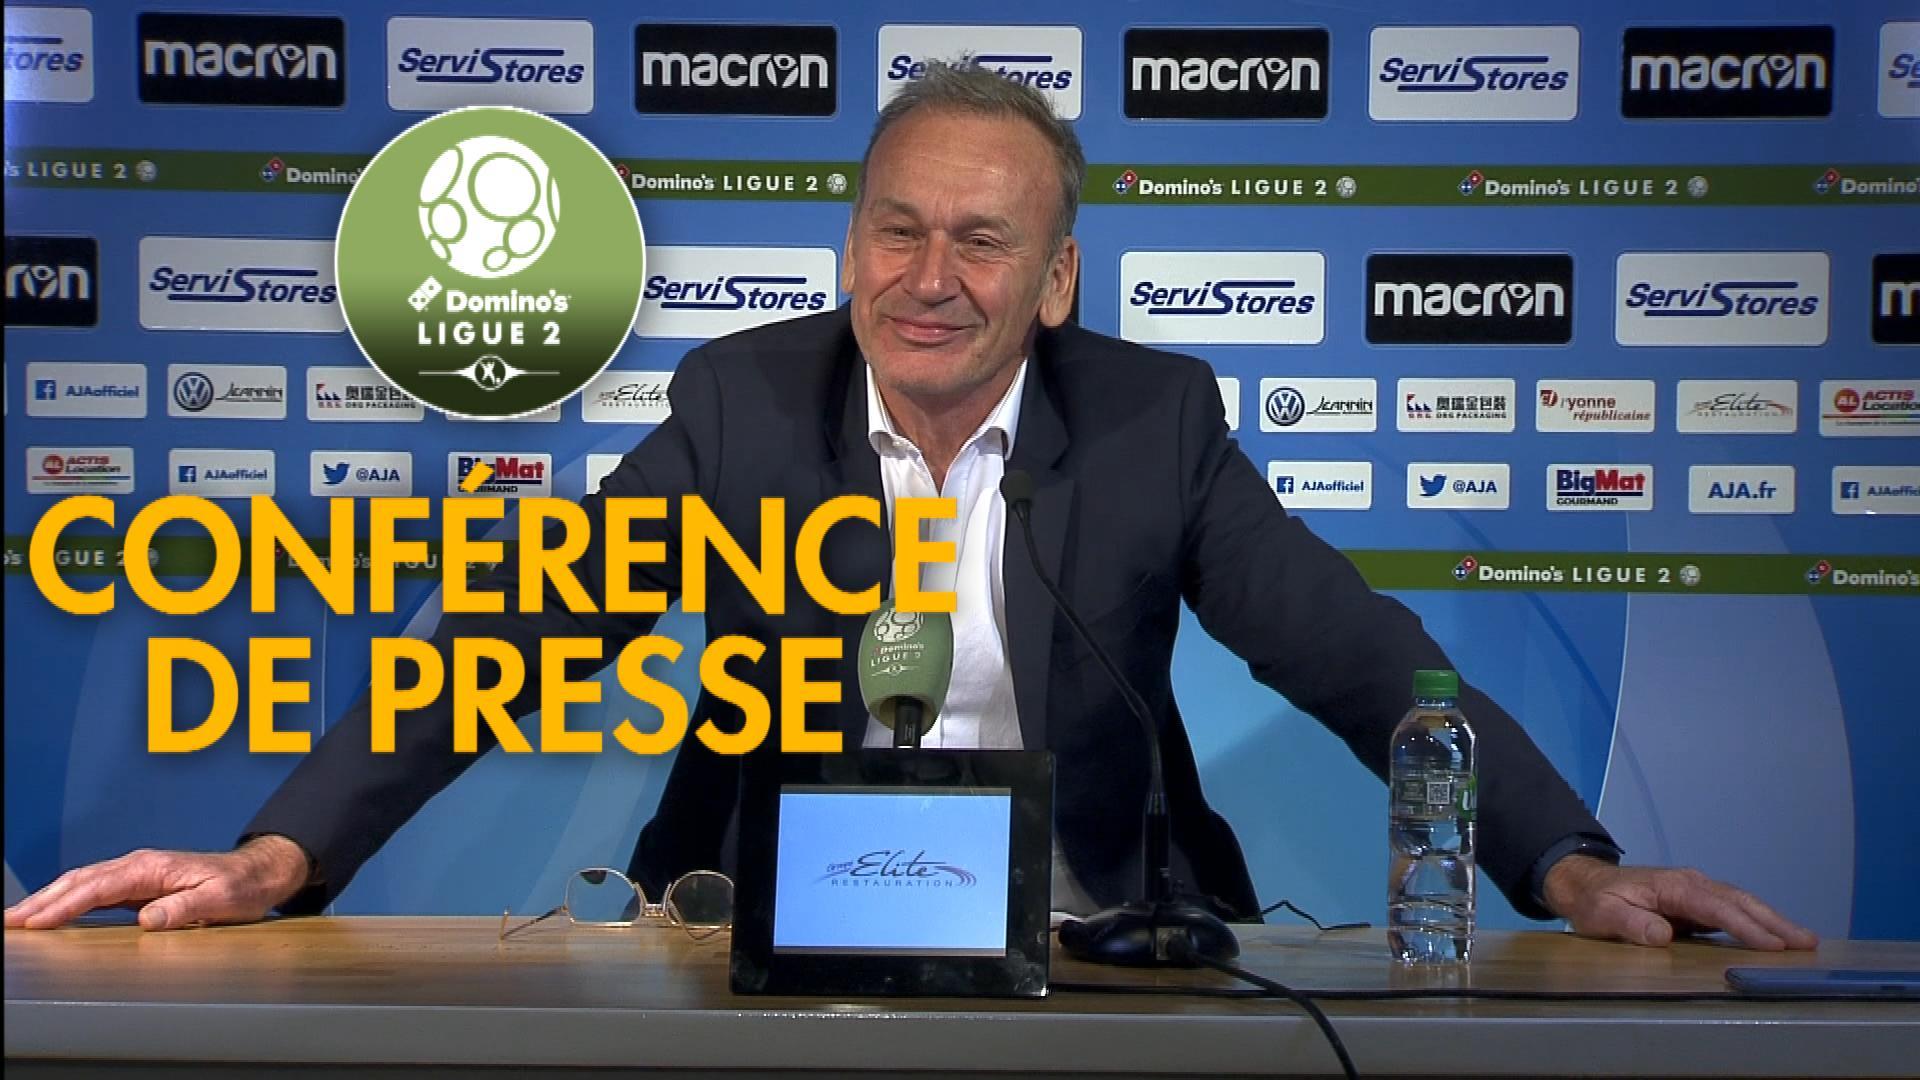 Conférence de presse AJ Auxerre - ESTAC Troyes (1-2) : Jean-Marc FURLAN (AJA) - Laurent BATLLES (ESTAC) - 2019/2020